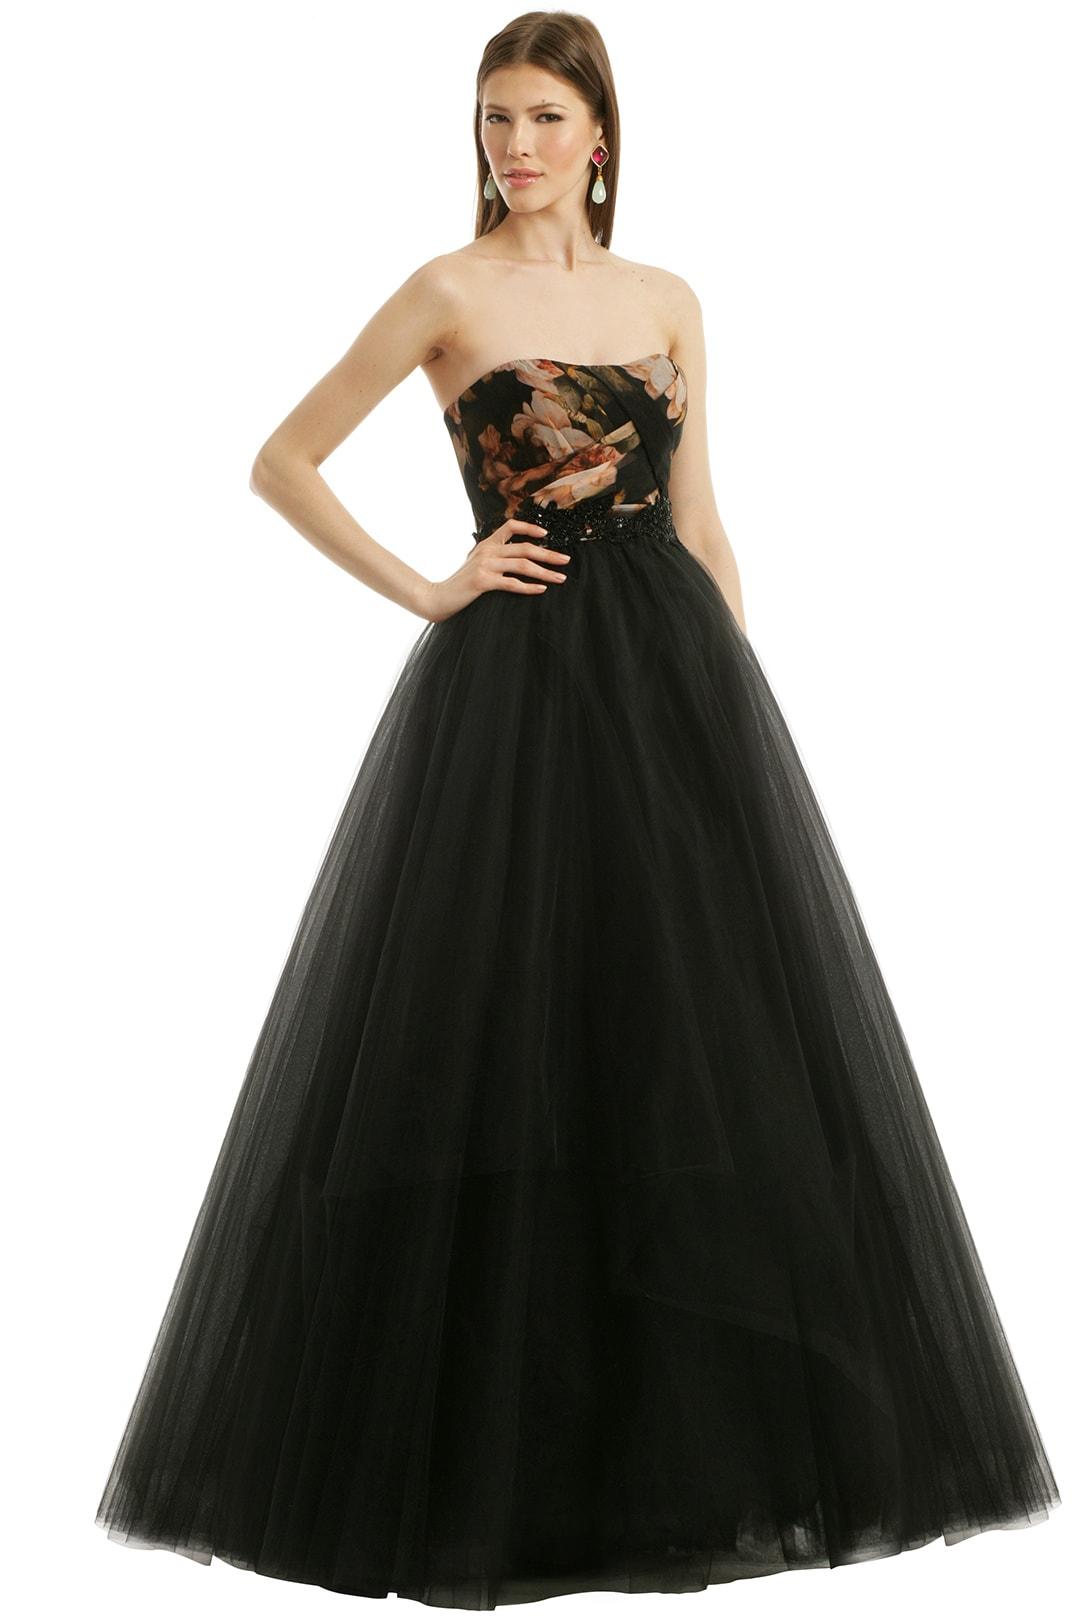 Strapless dress with full skirt